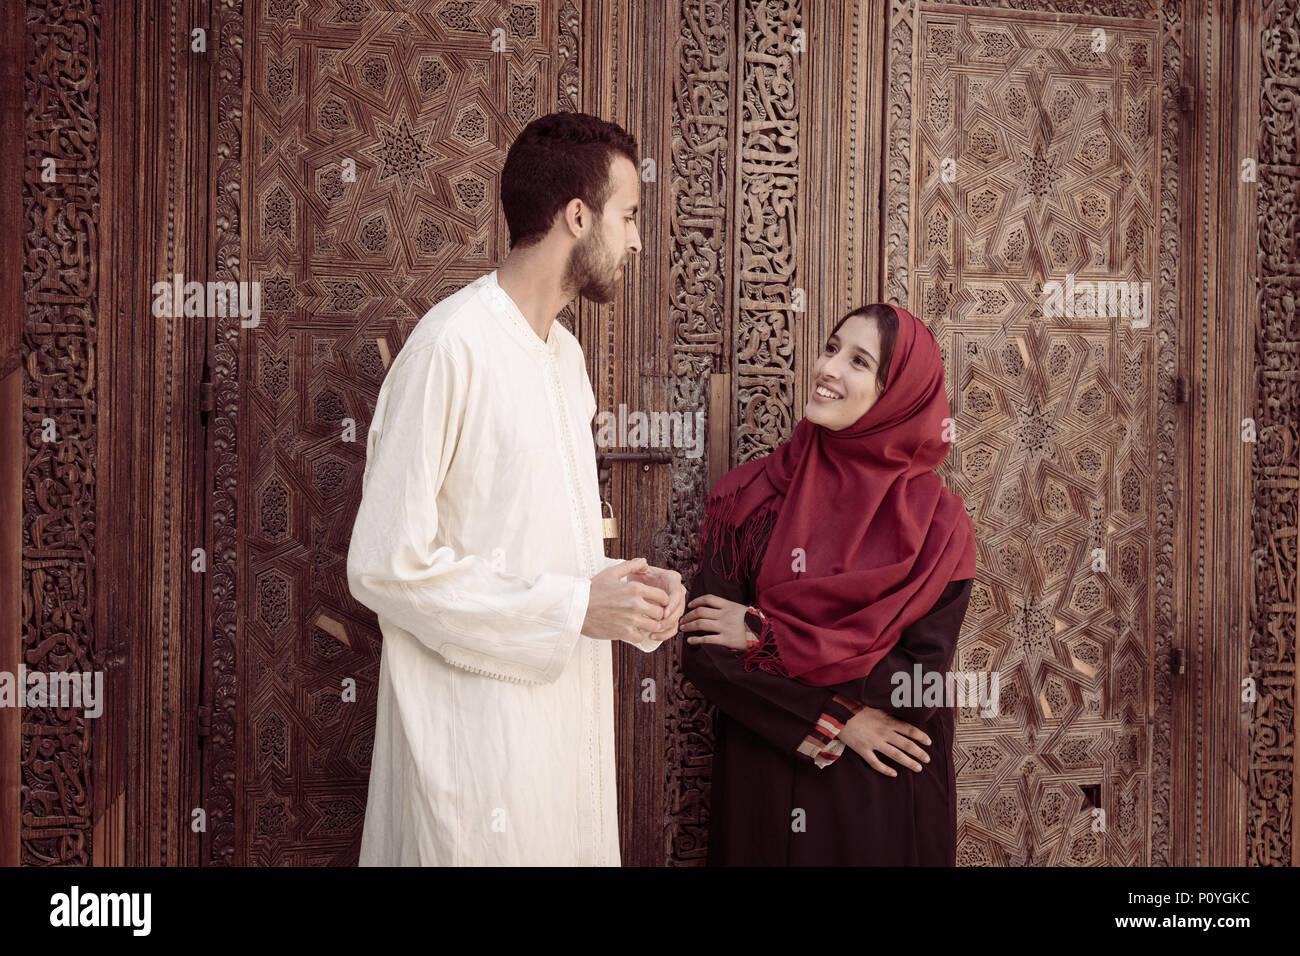 Joven pareja musulmana en relación hablando y sonriendo en ambiente árabe tradicional Imagen De Stock